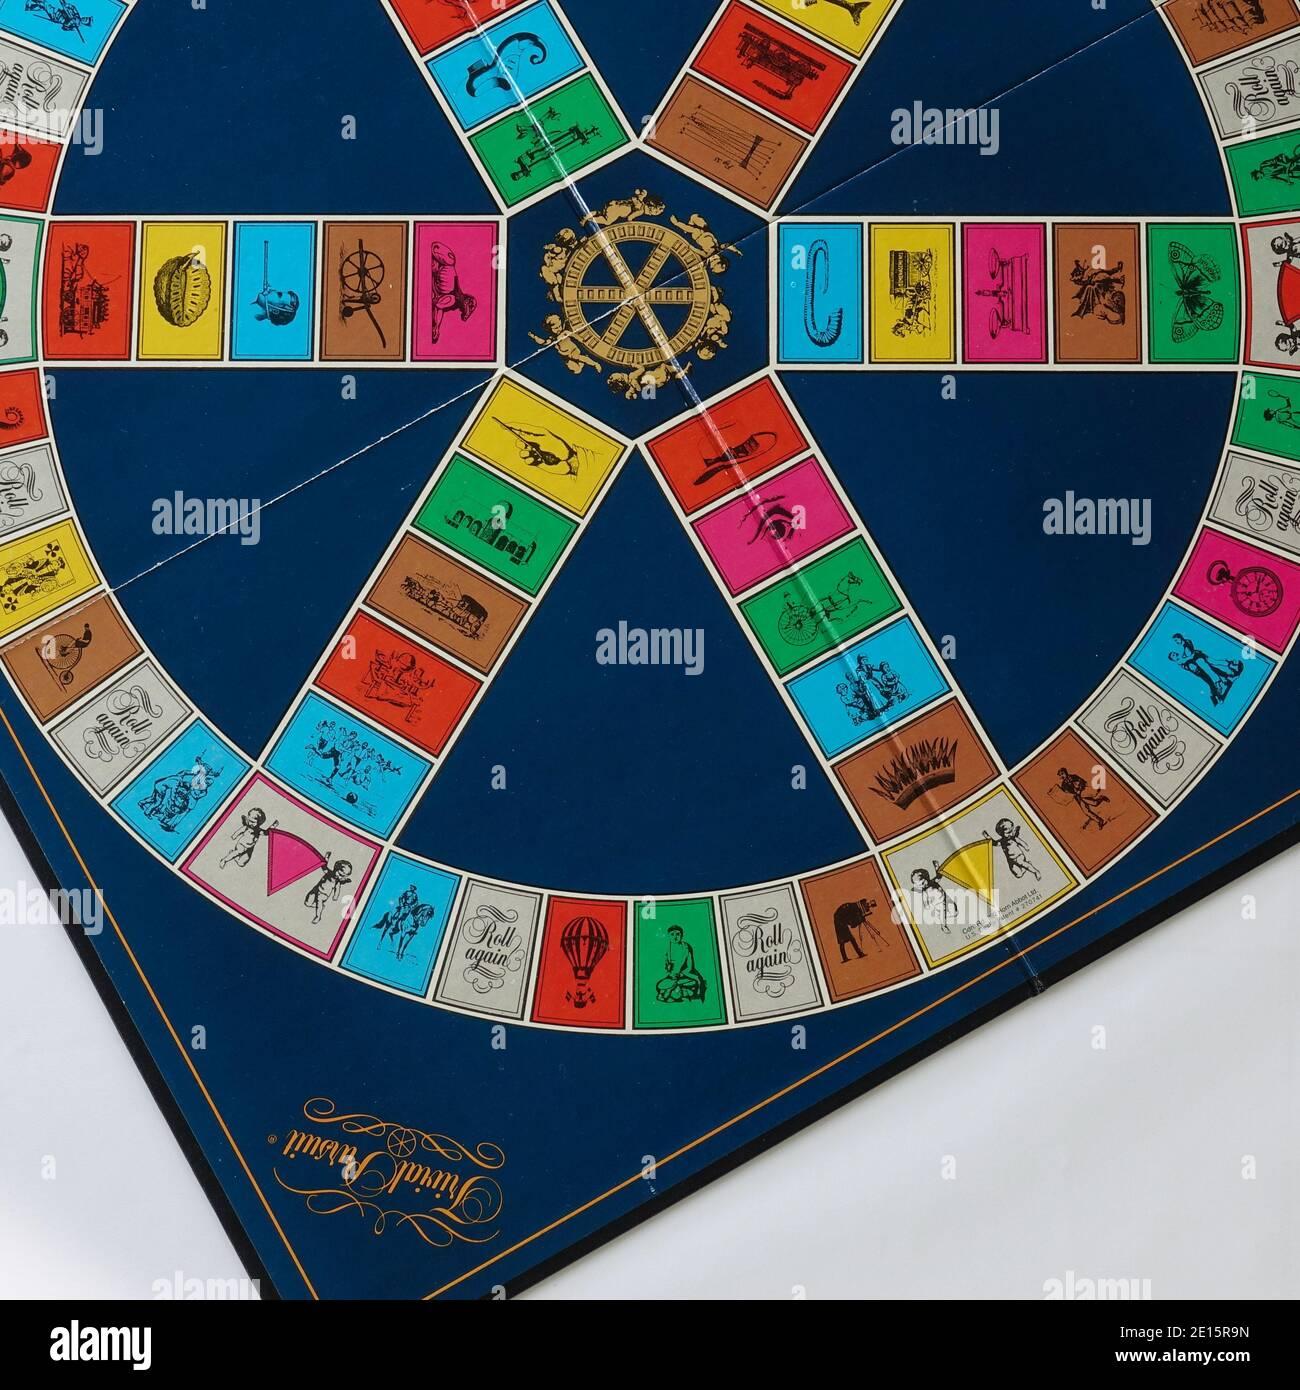 Orlando, FL USA - 12 février 2020: Trivial Pursuit jeu configuré pour jouer qui est un jeu de plateau où la victoire est déterminée par la capacité d'un joueur à un Banque D'Images